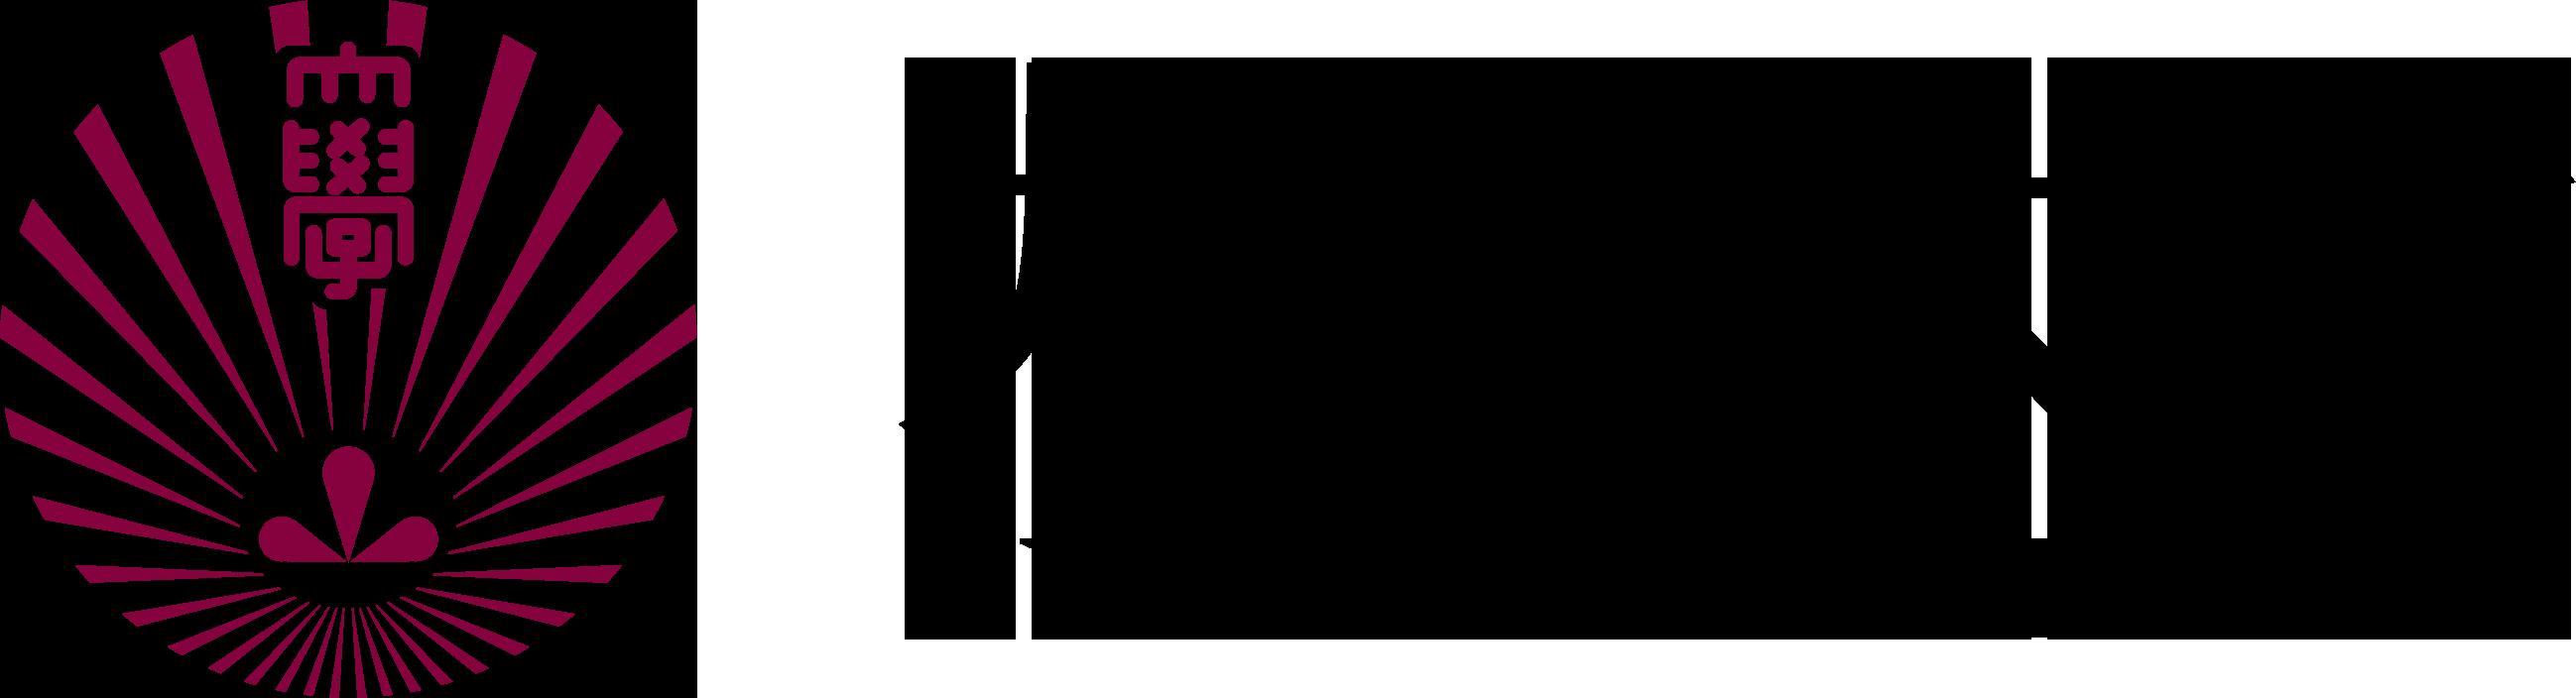 九州大学アイコン